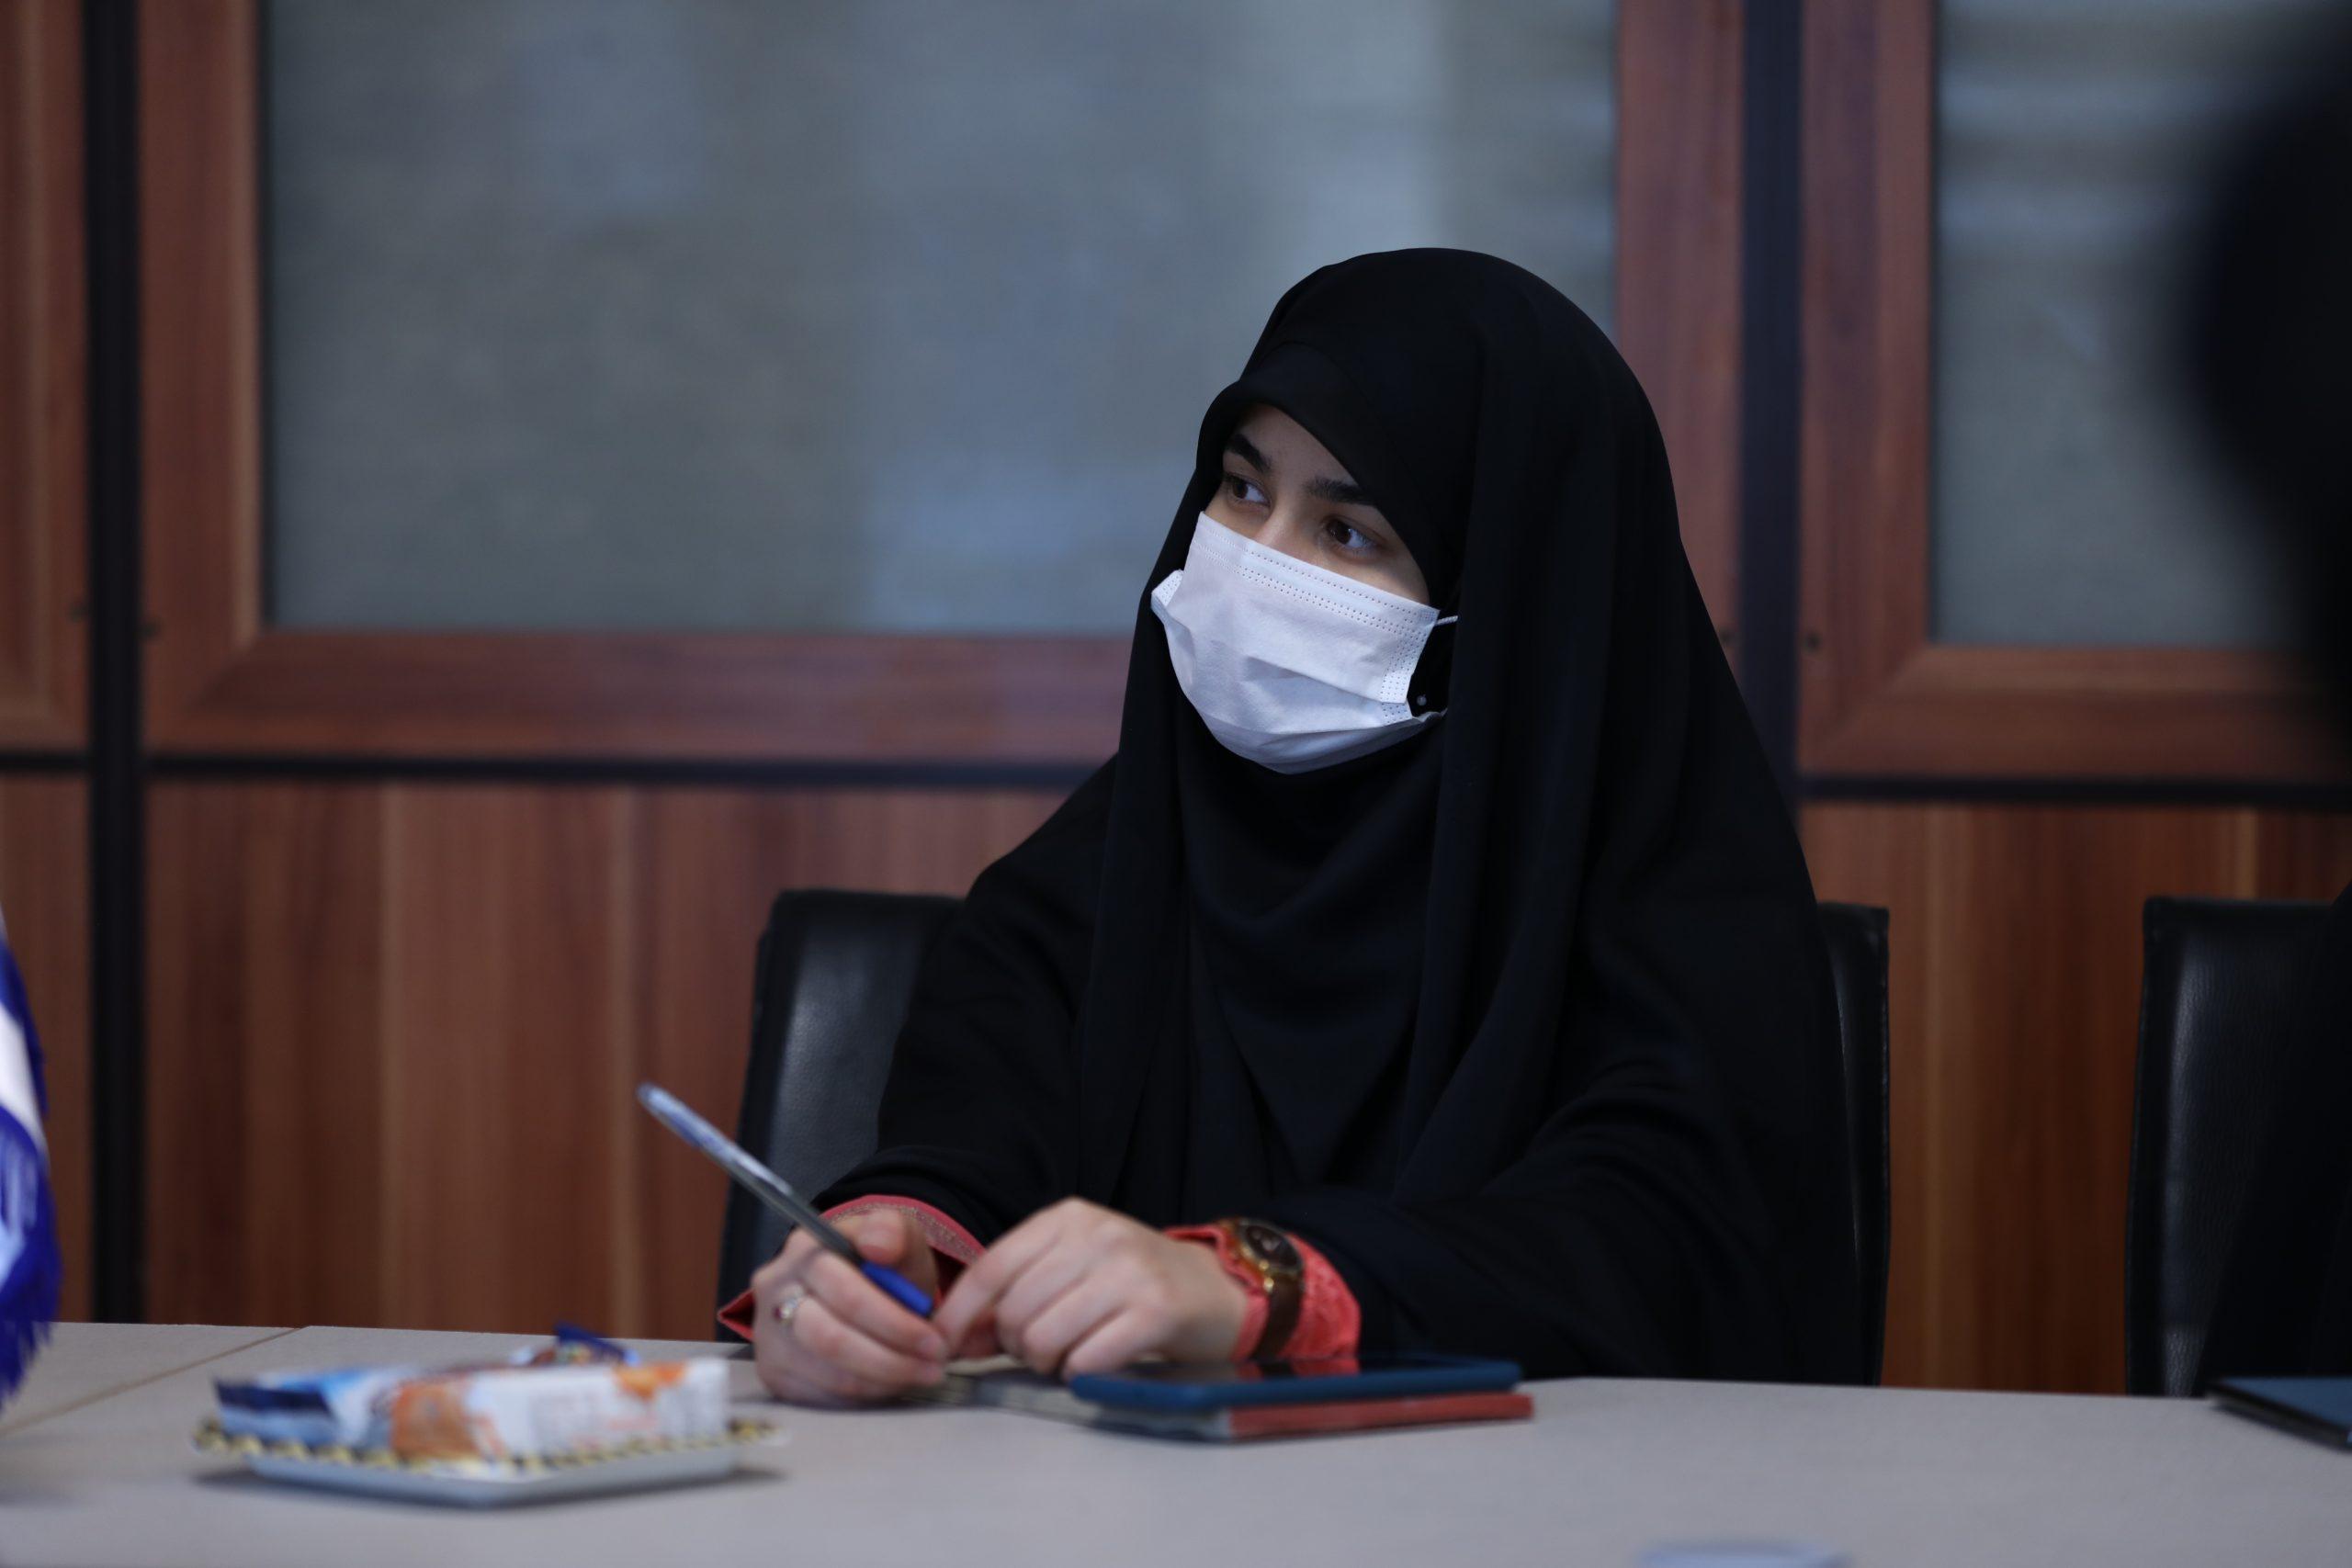 دیدار دانشجویان با عالی ترین رکن جمهوری اسلامی بزرگترین اجتماع سلیقه های مختلف دانشجویی و آزاد ترین دیدار دانشجویی با ارکان حکومتیست